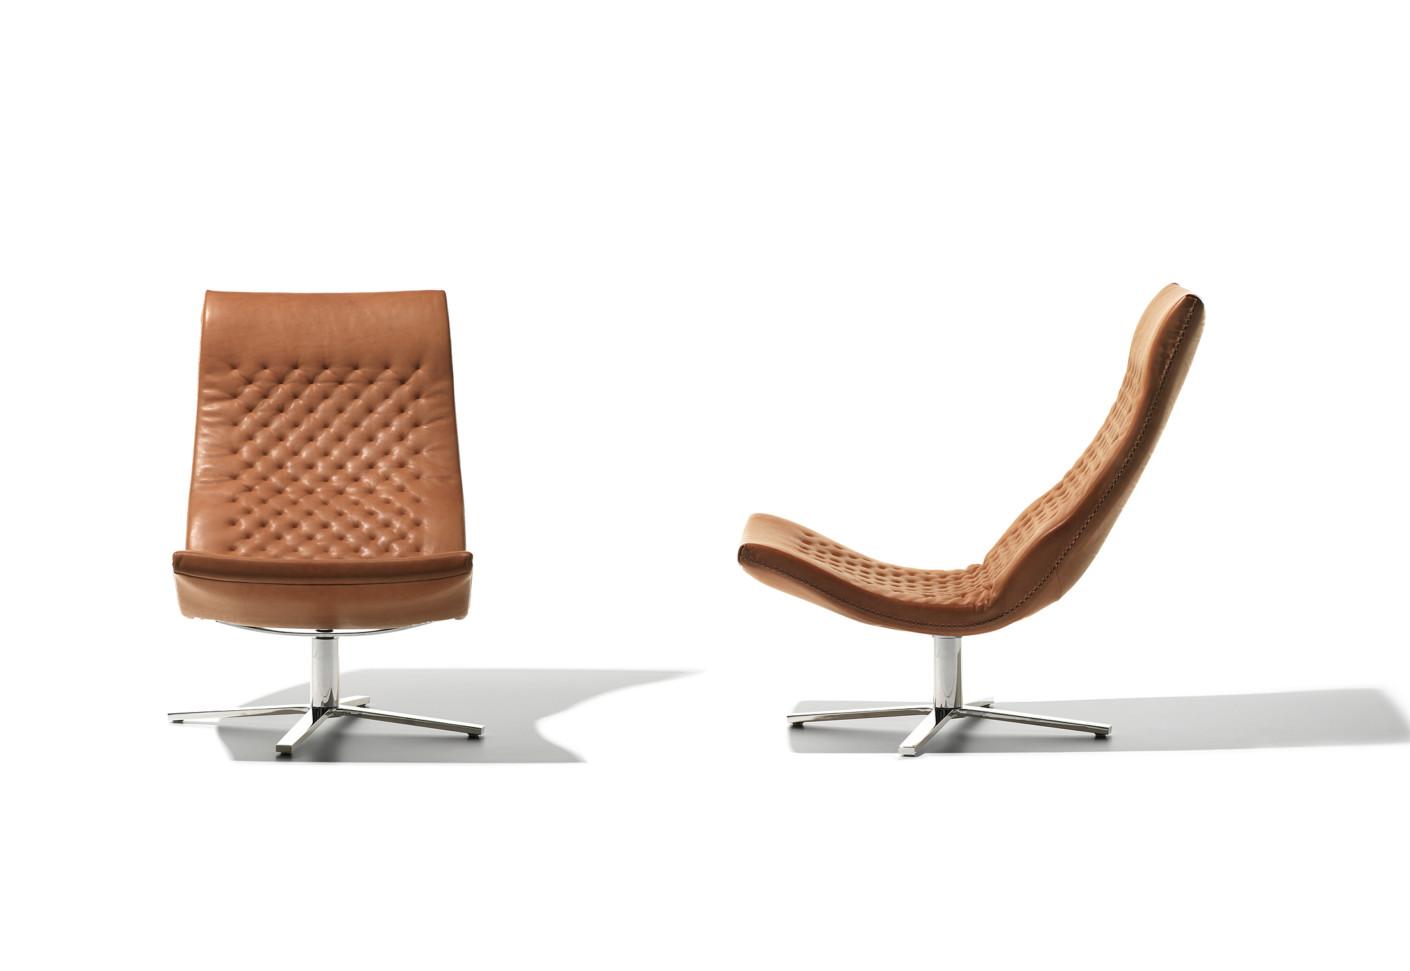 ds 51 sessel von de sede stylepark. Black Bedroom Furniture Sets. Home Design Ideas